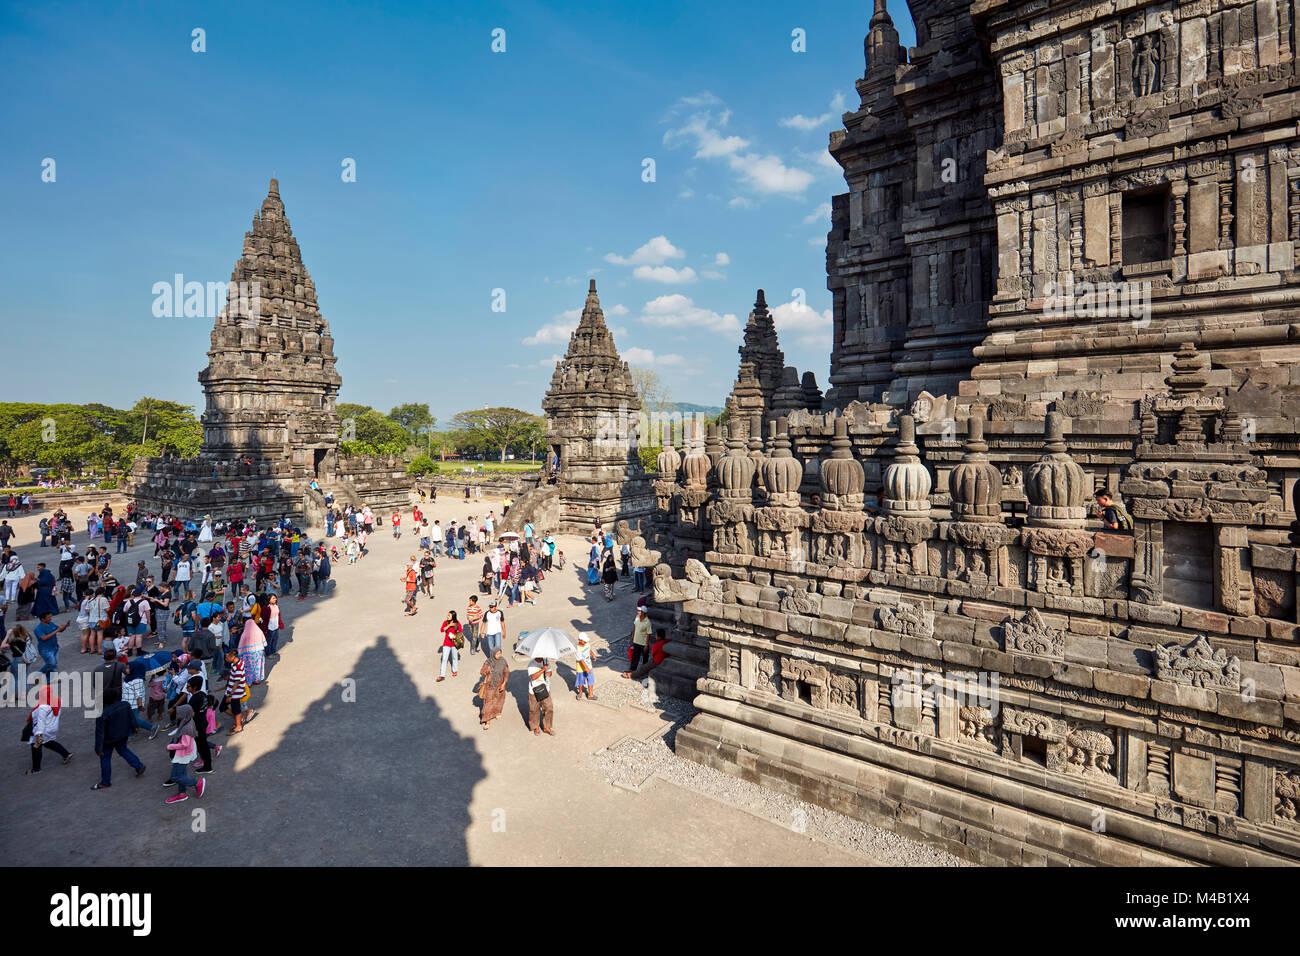 Les touristes au temple hindou de Prambanan composé. La région spéciale de Yogyakarta, Java, Indonésie. Photo Stock